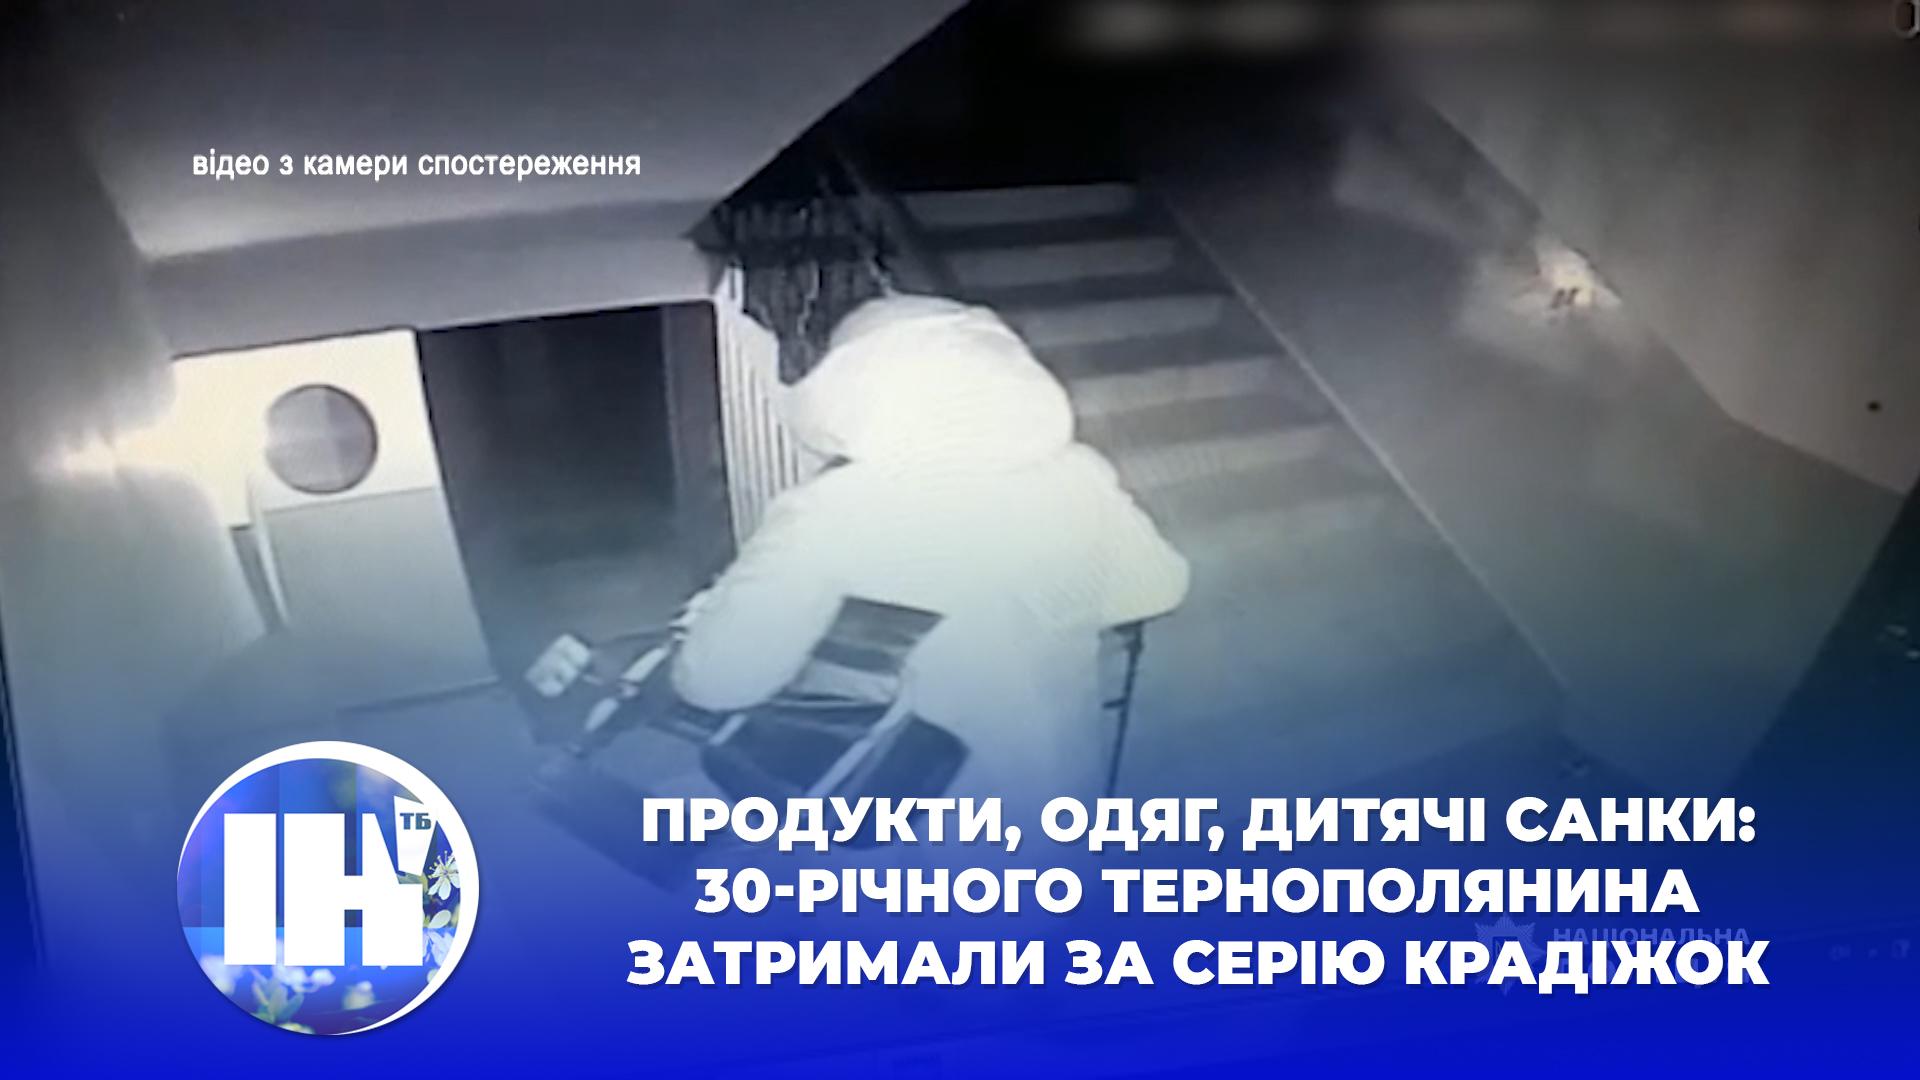 Продукти, одяг, дитячі санки: 30-річного тернополянина затримали за серію крадіжок